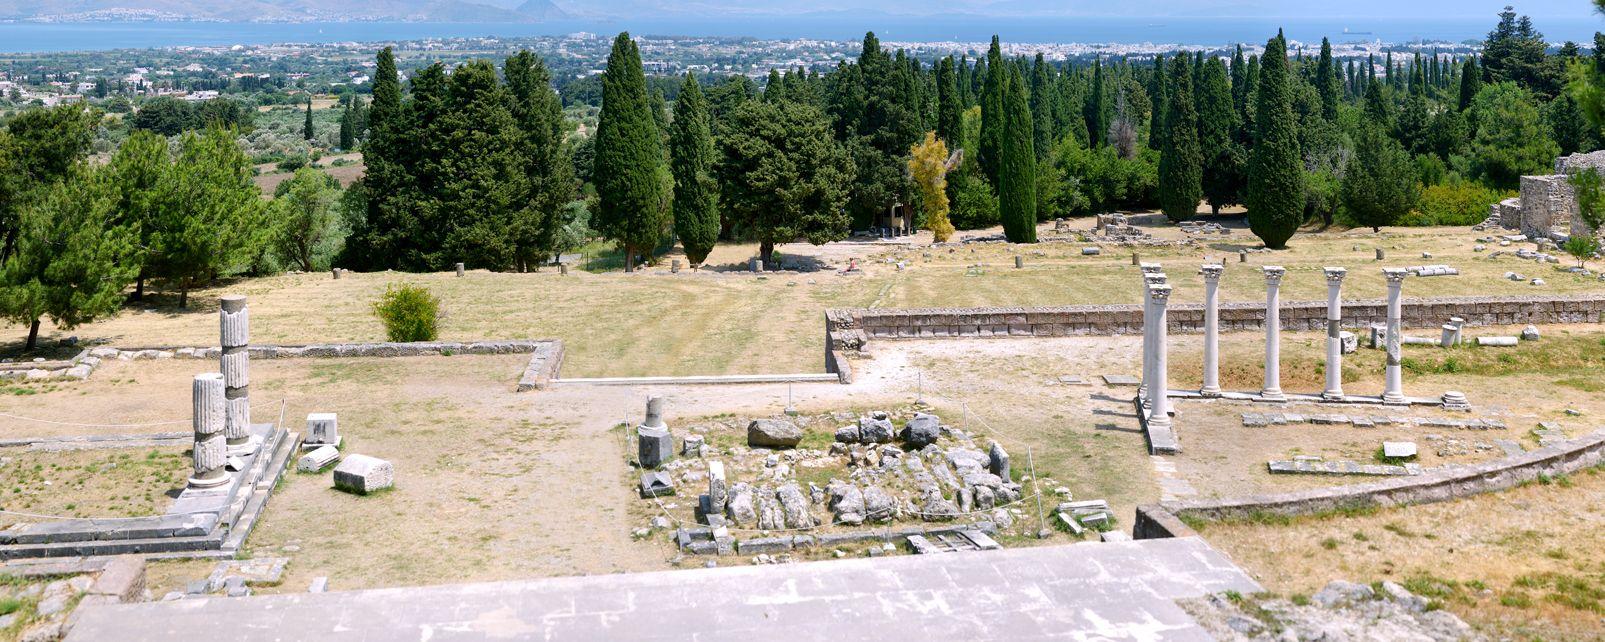 Les monuments, Kos, Grèce, ruine, archéologie, vestige, dodécanèse, europe, île, asclépiéion